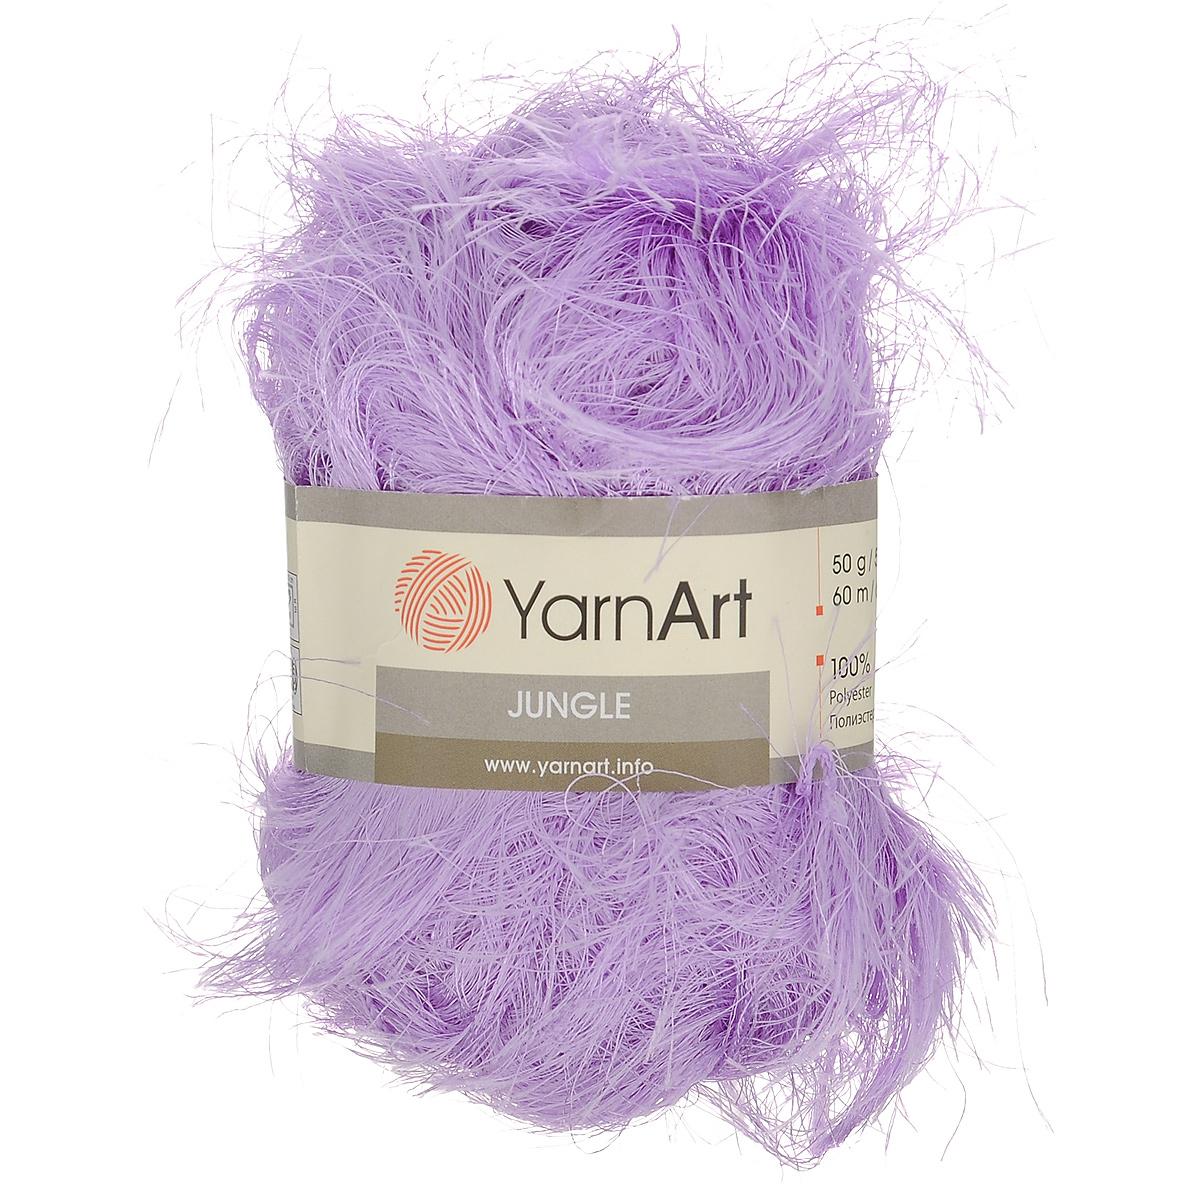 Пряжа для вязания YarnArt Jungle, цвет: ярко-сиреневый (23), 60 м, 50 г, 10 шт372055_23Пряжа для вязания YarnArt Jungle изготовлена из полиэстера. Пряжа-травка предназначена для ручного вязания и идеально подходит для отделки. Готовый ворс получается равным 4 см. Рекомендованные спицы и крючок для вязания 6 мм. Комплектация: 10 мотков. Состав: 100% полиэстер.